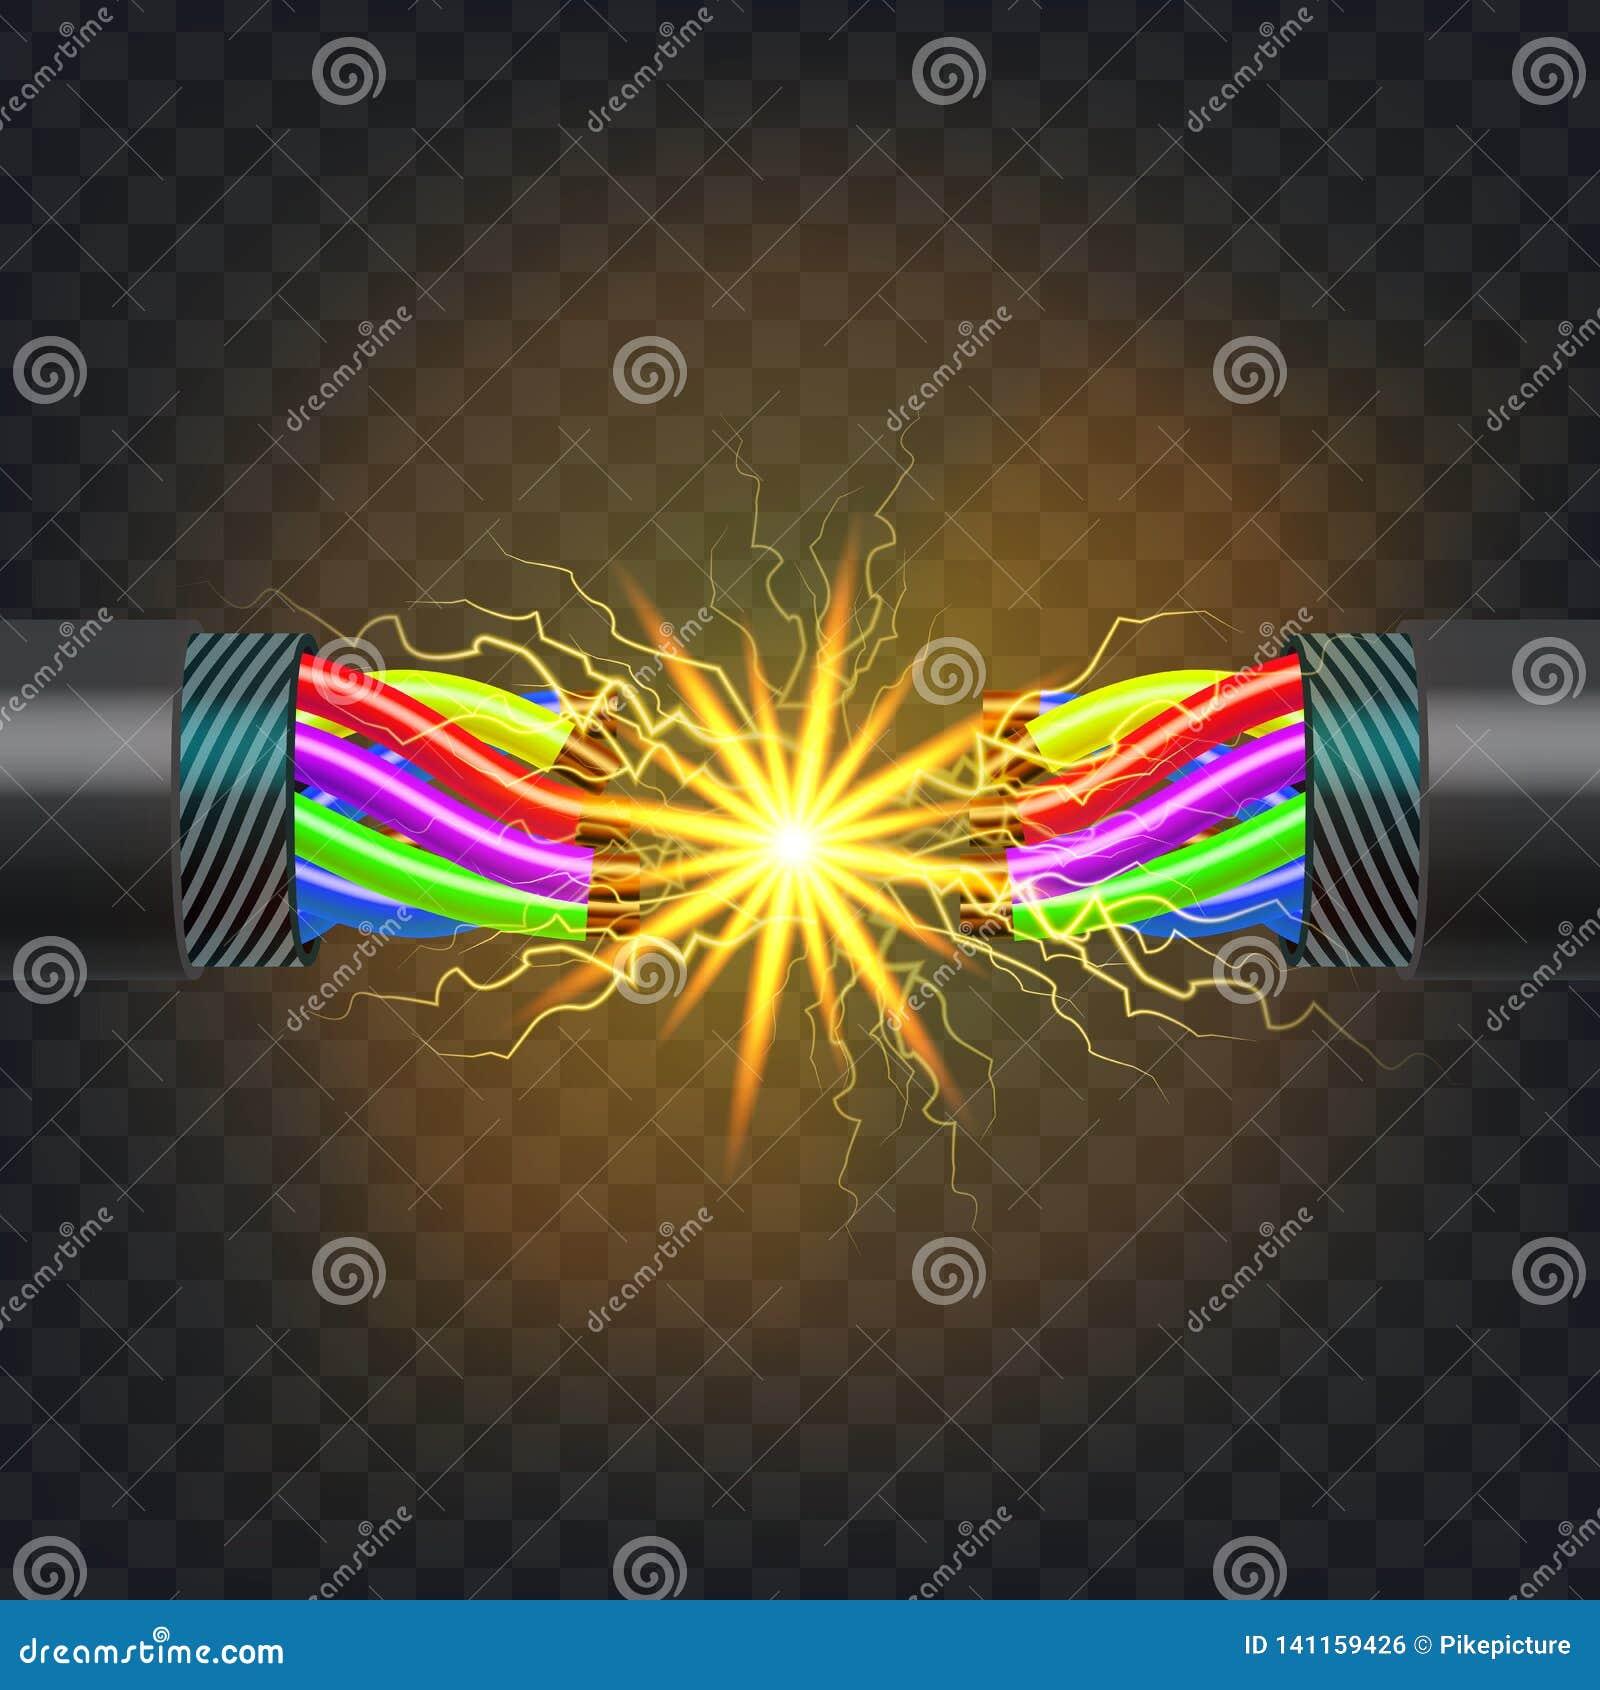 Vector eléctrico del cable de la rotura Circuito eléctrico Poder industrial de la red Relámpago que brilla intensamente realista